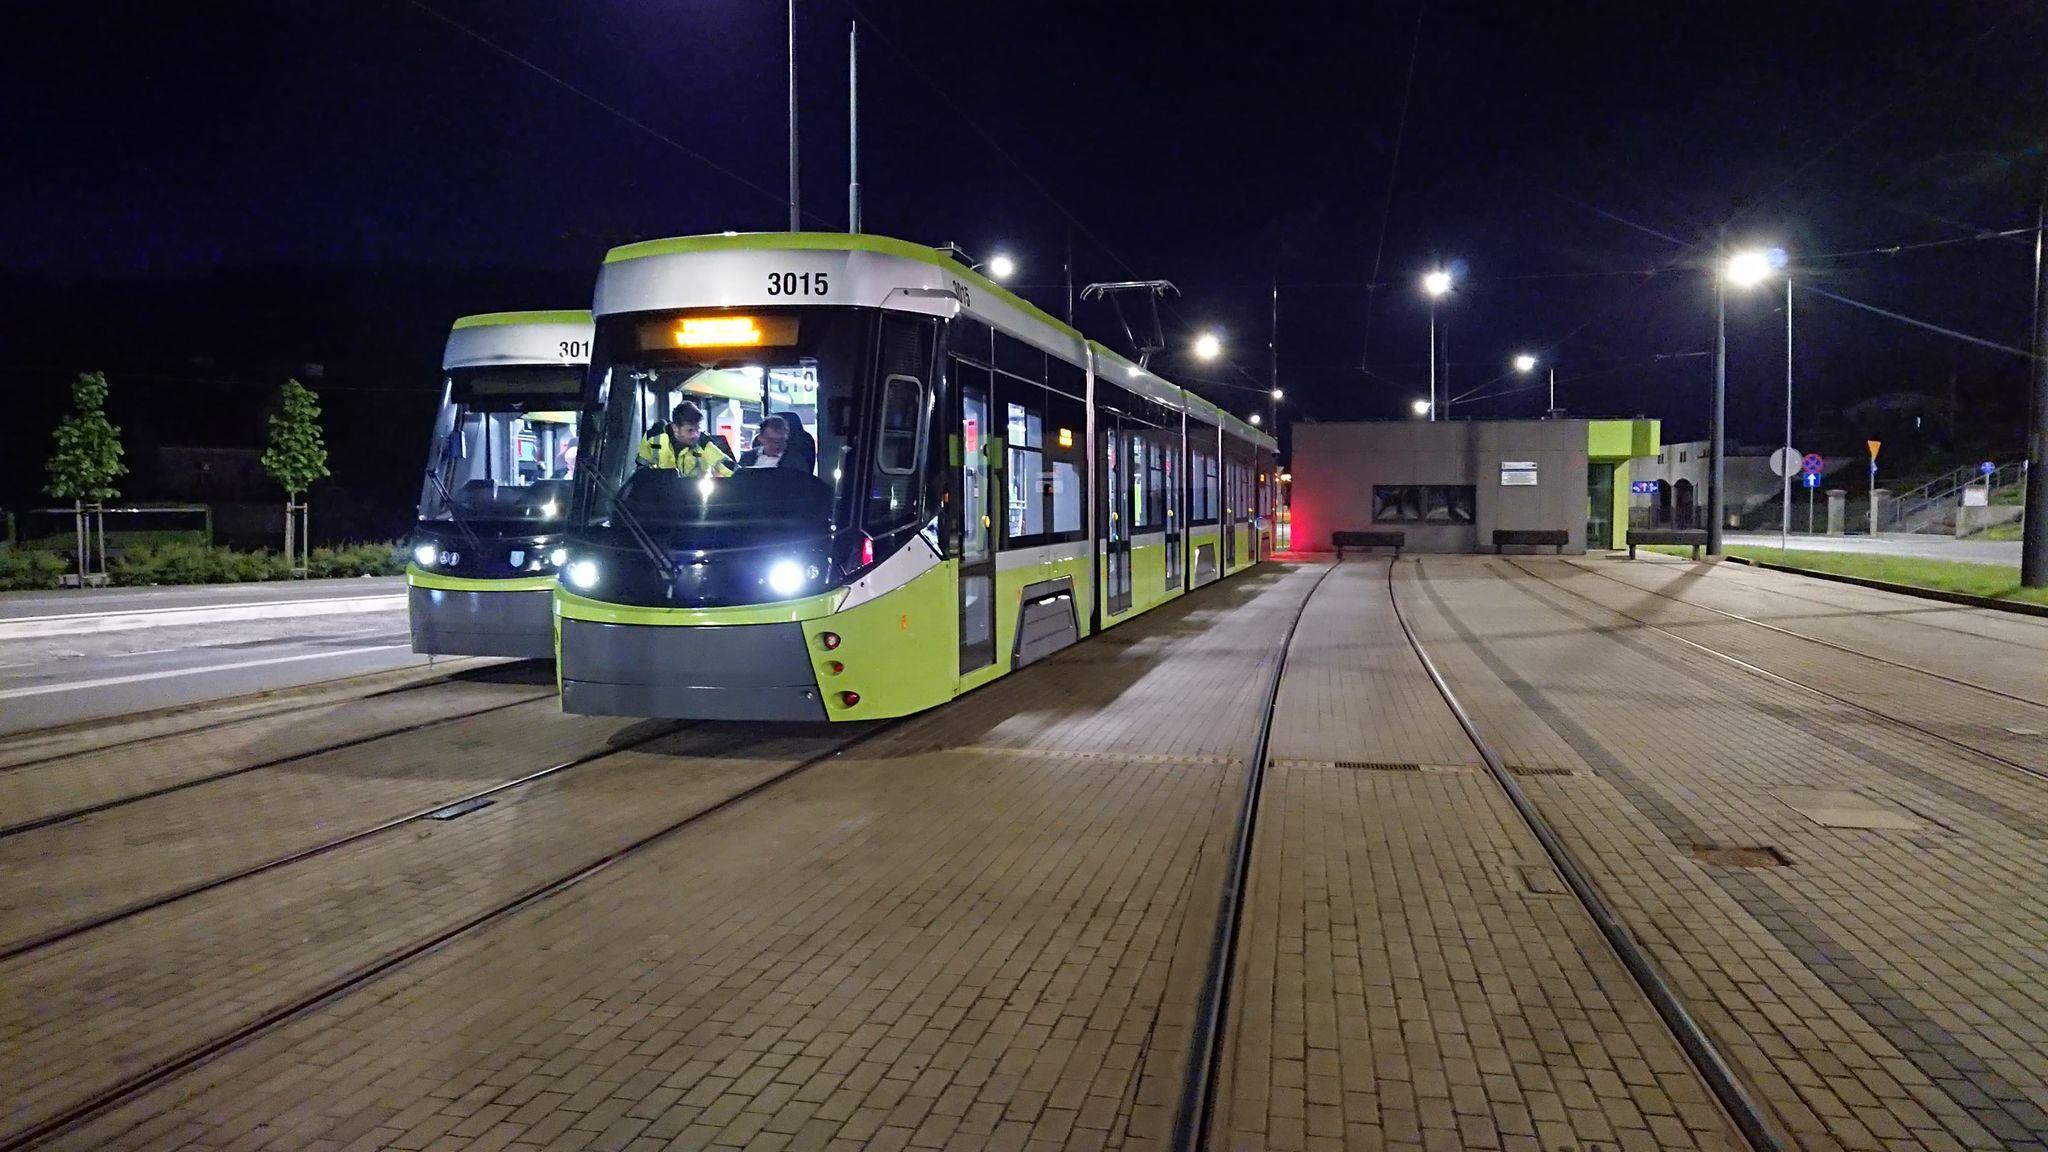 Durmazlary Panorama Olsztyn DRP5H05 #3015 i #3016 podczas nocnych jazd testowych na torach odstawczych za przystankiem końcowym Dworzec Główny (28 maja 2021)